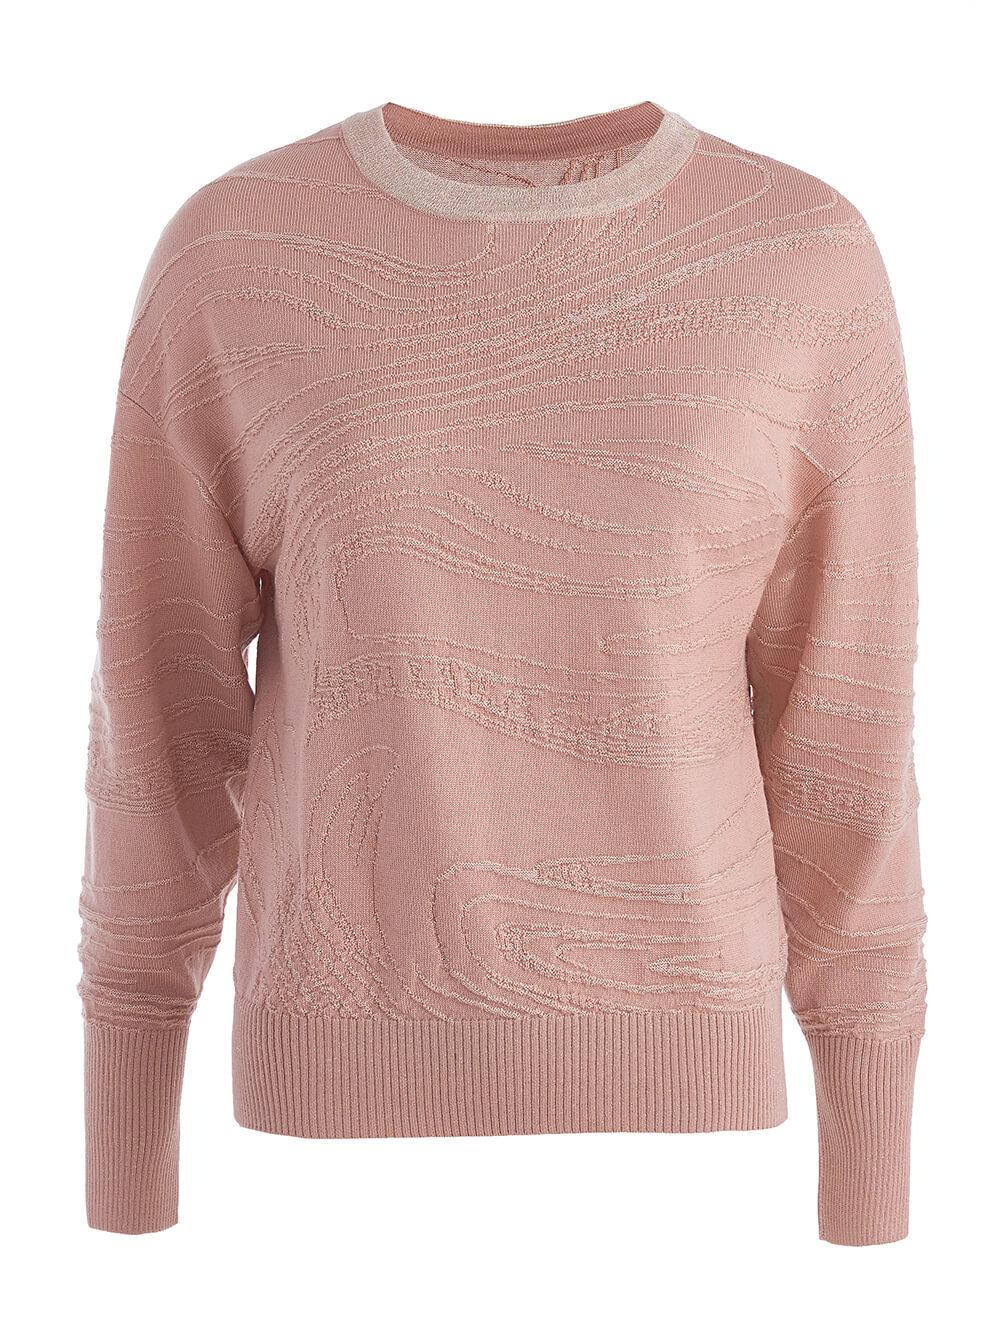 Женский джемпер бежево-розового цвета из шерсти и вискозы - фото 1